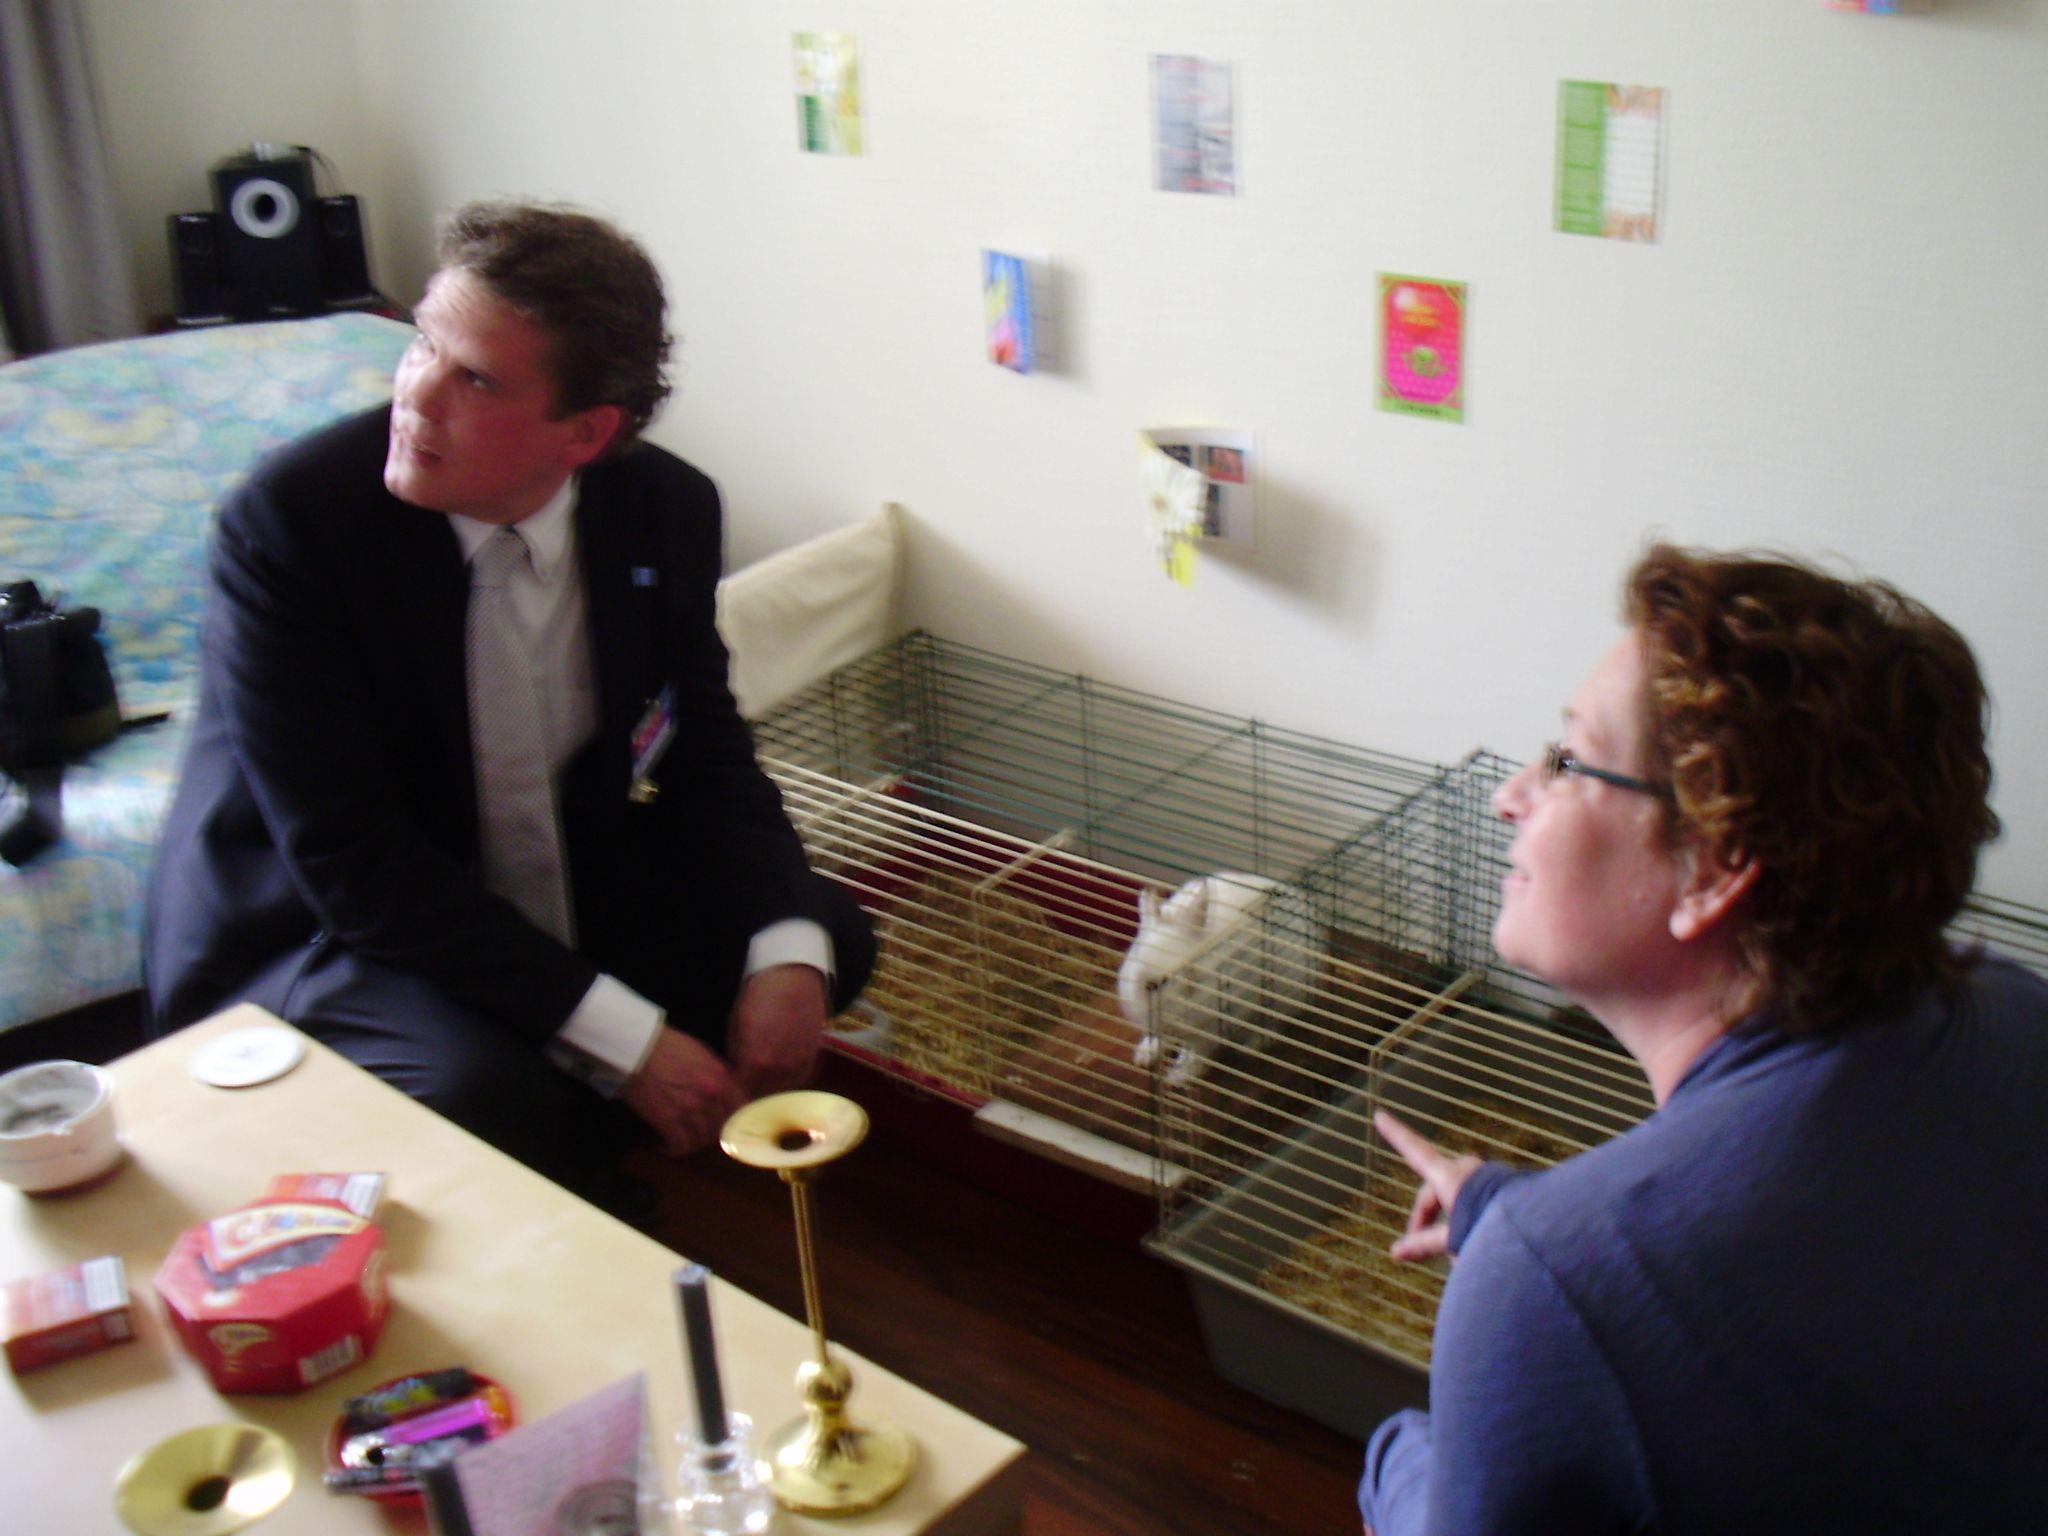 Bij RIBW mogen huisdieren gehouden worden, maar moeten ze wel eerst aantonen dat ze voor zichzelf kunnen zorgen voordat ze voor een dier mogen zorgen.